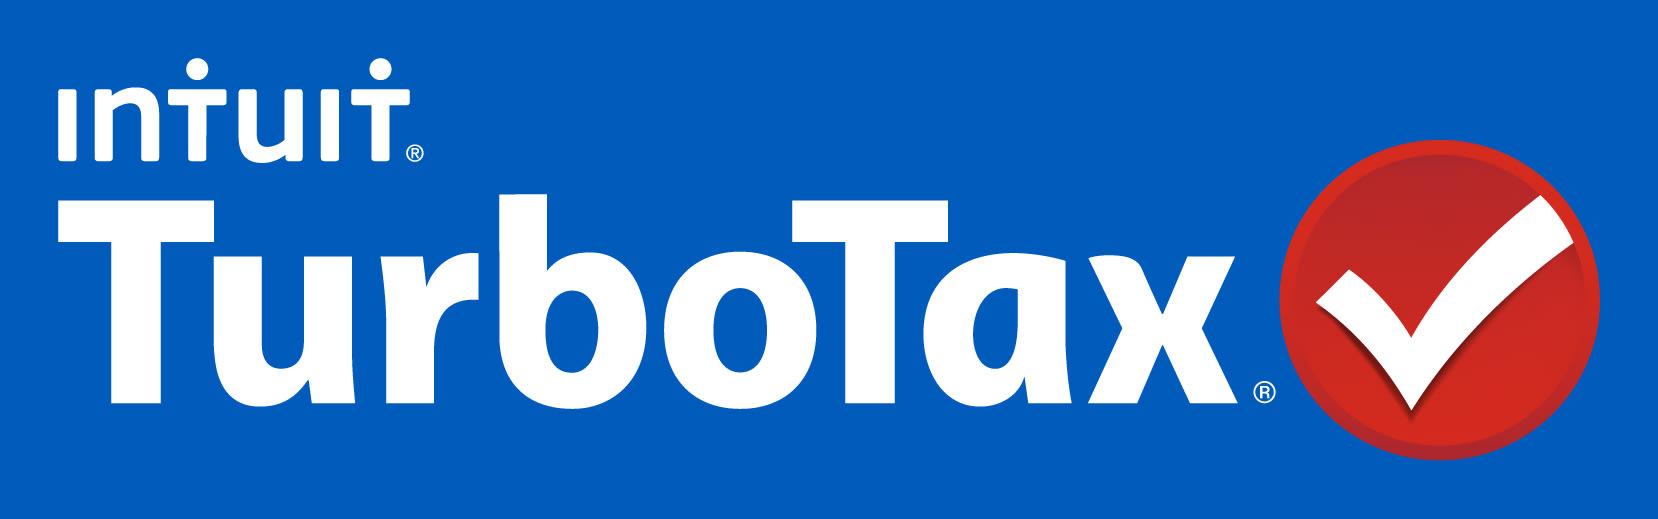 Turbotax coupon code 2018